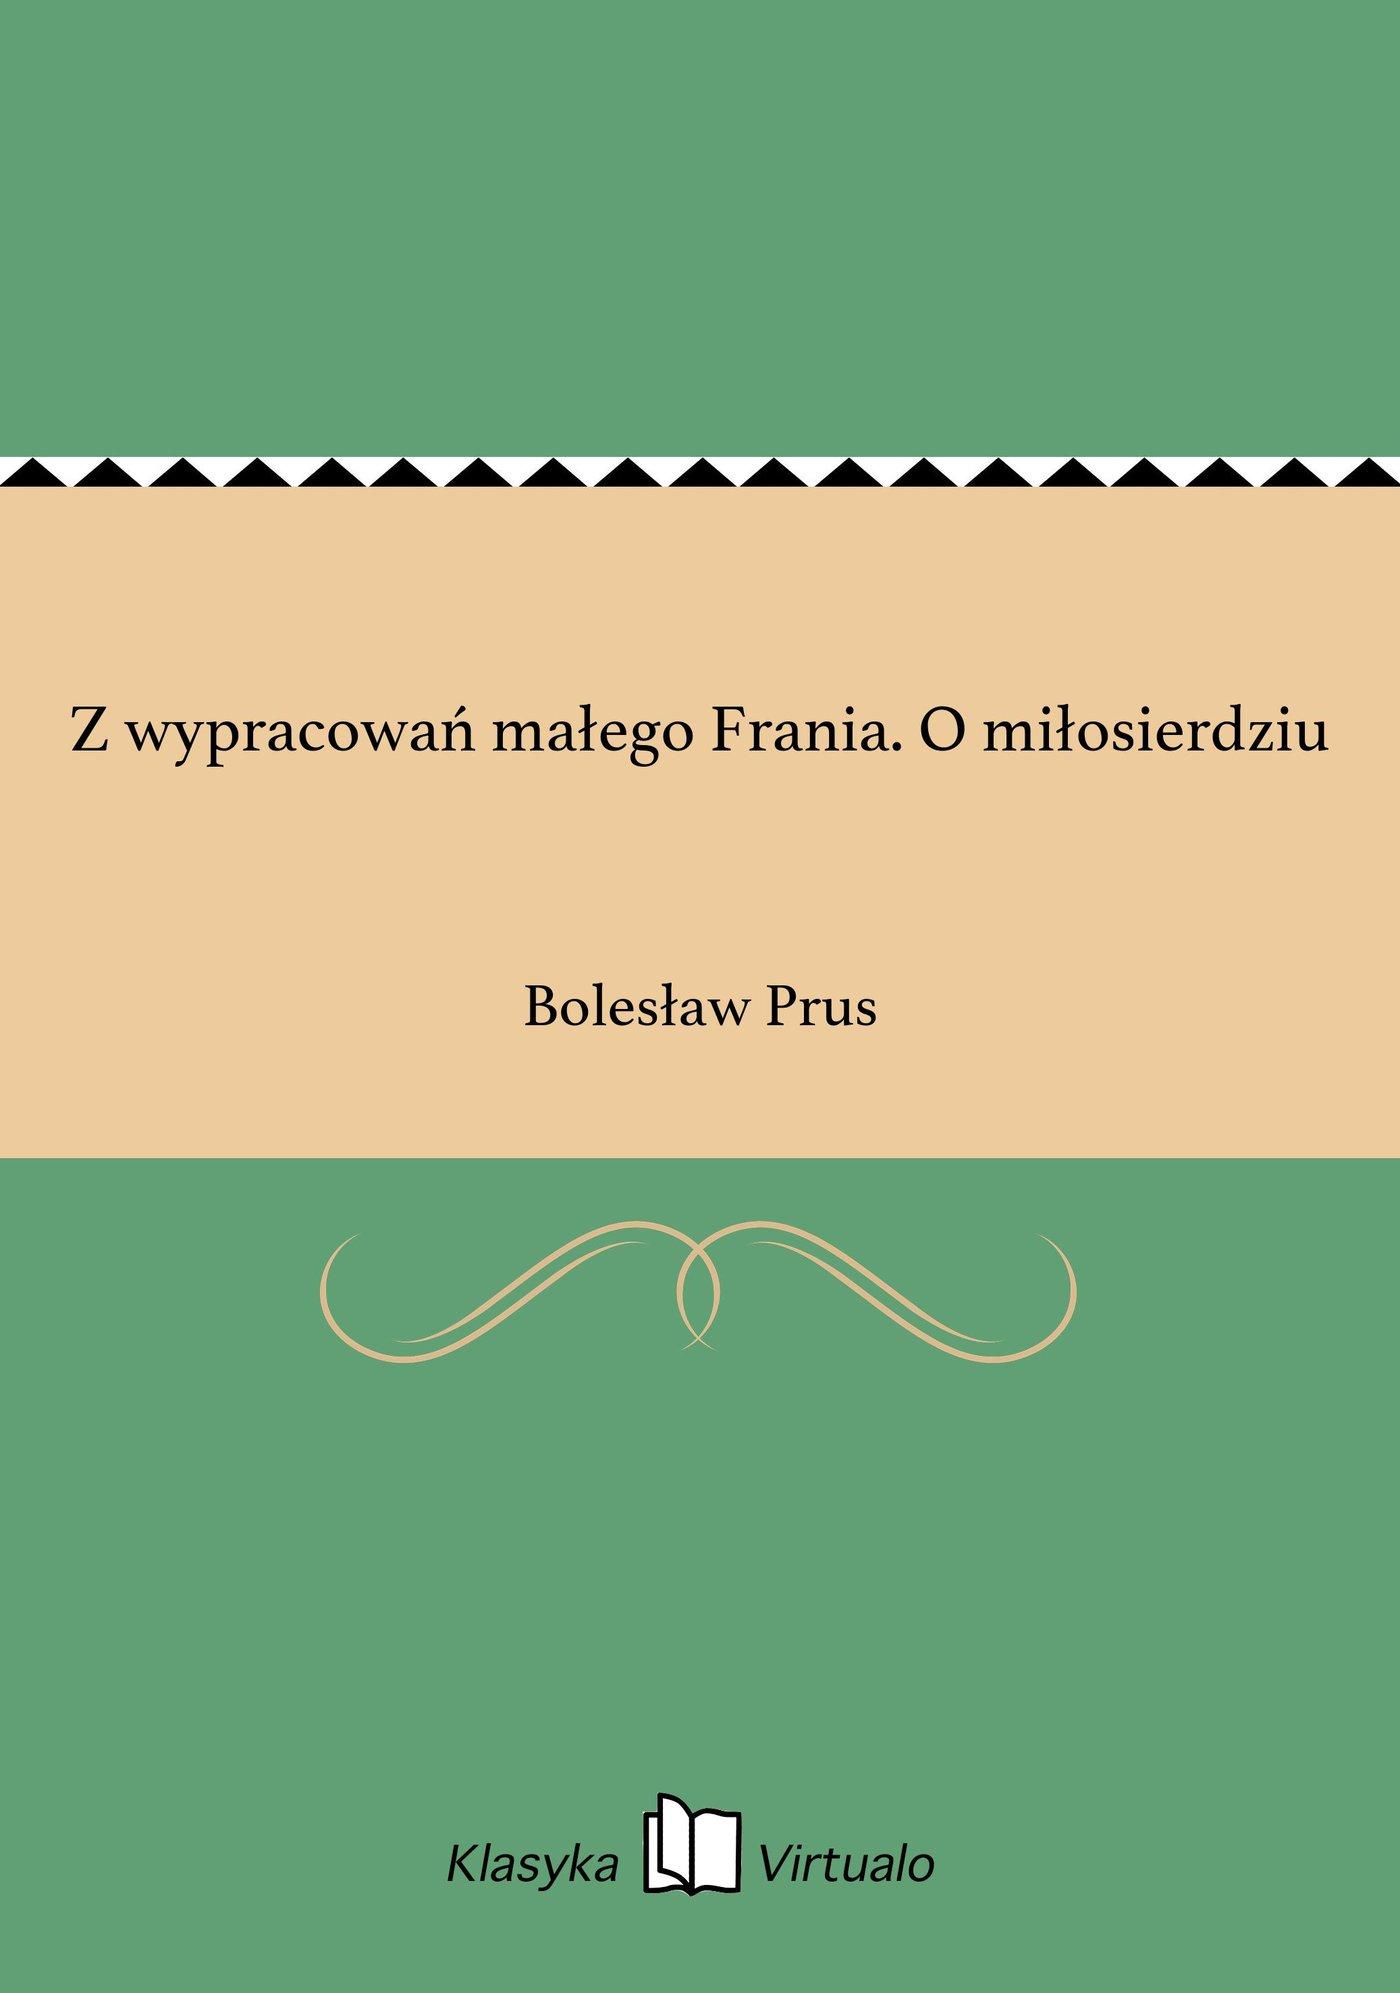 Z wypracowań małego Frania. O miłosierdziu - Ebook (Książka EPUB) do pobrania w formacie EPUB